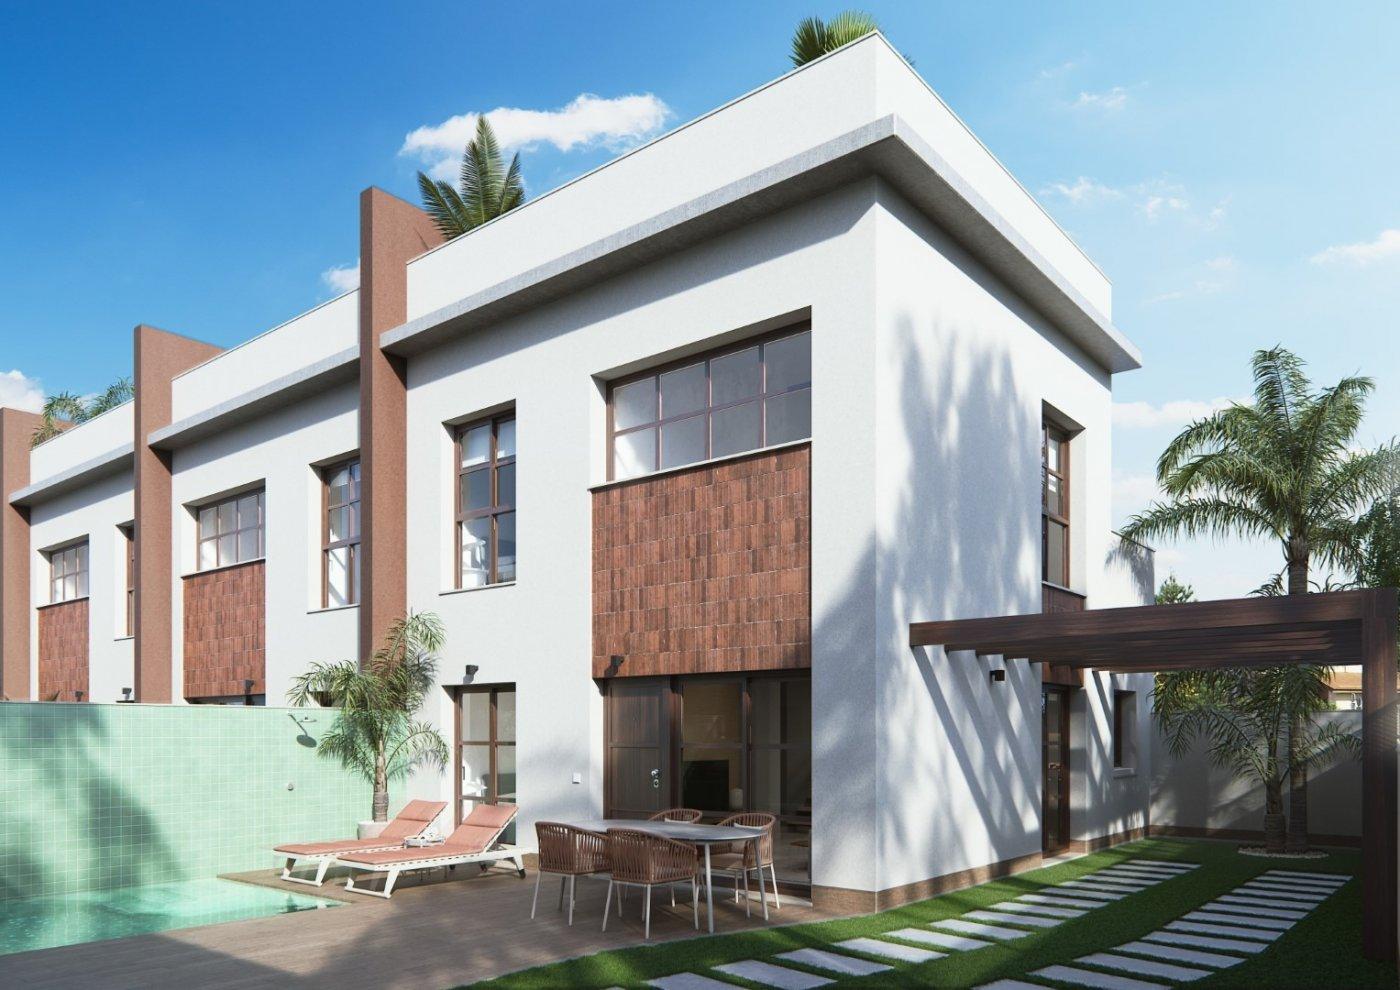 Adosado - Nueva construcción  - Pilar de la Horadada - Pilar de la Horadada